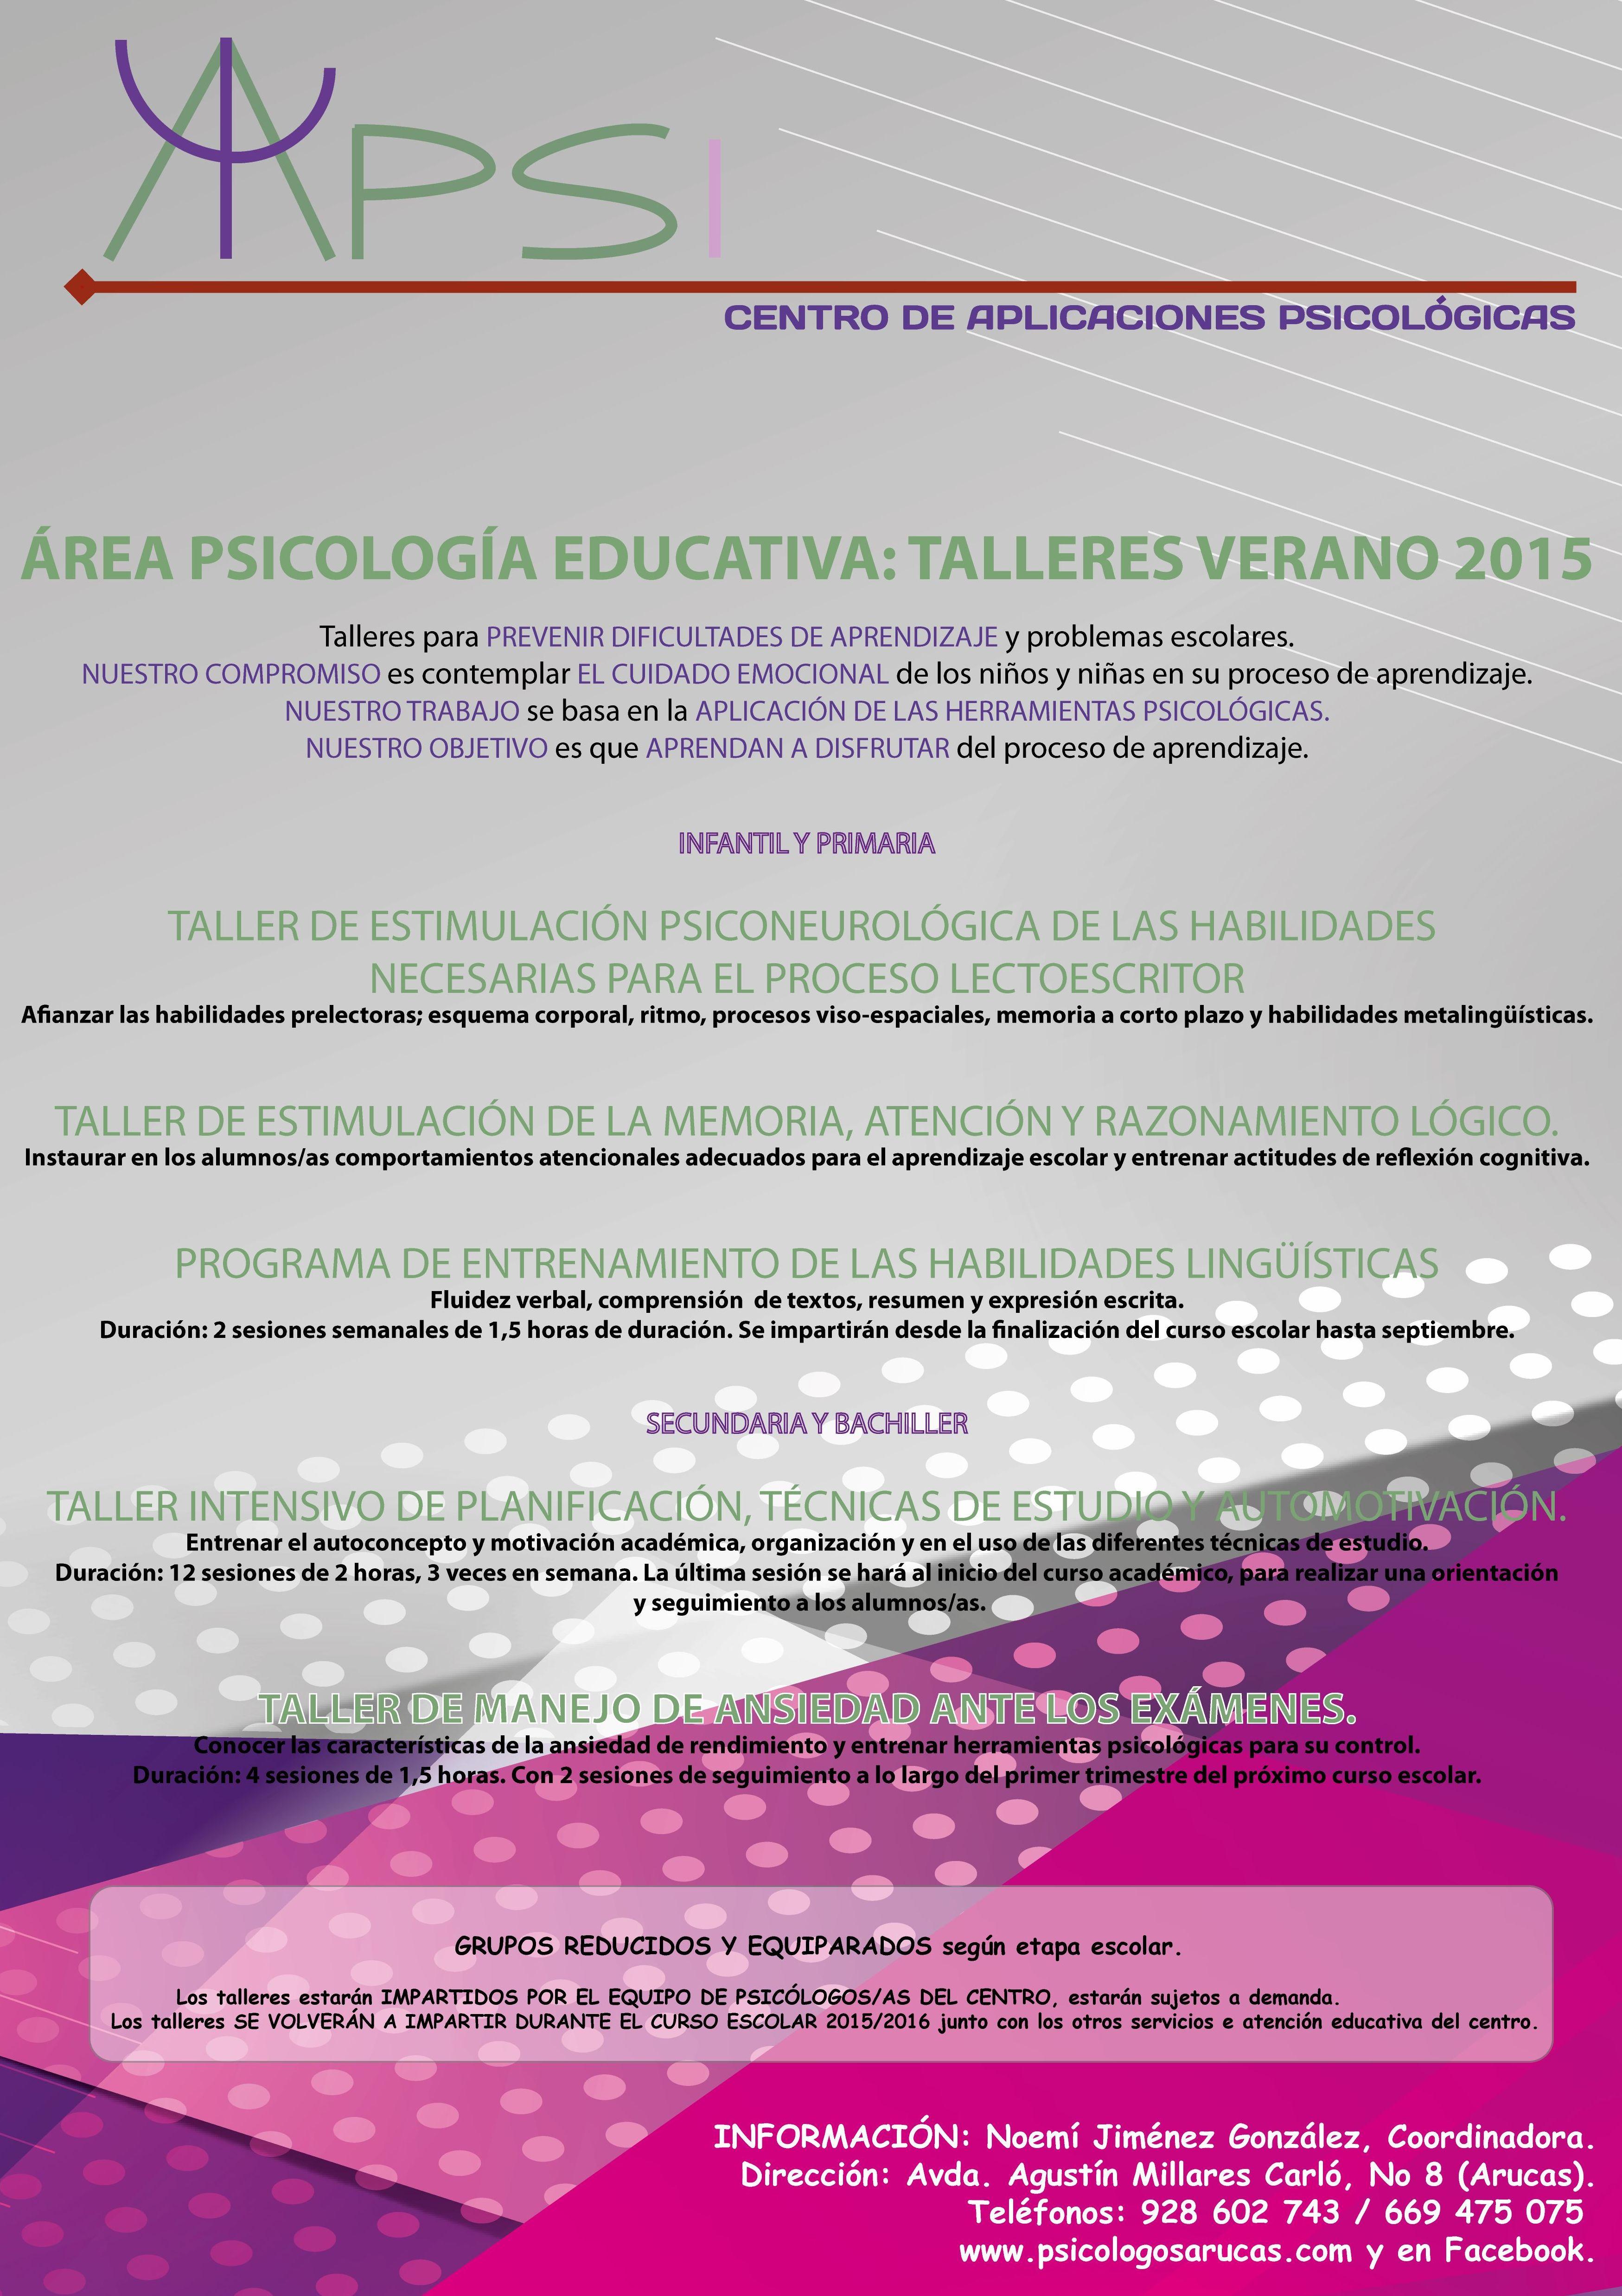 Foto 5 de Psicólogos en Arucas | APSI-Centro de Aplicaciones Psicológicas